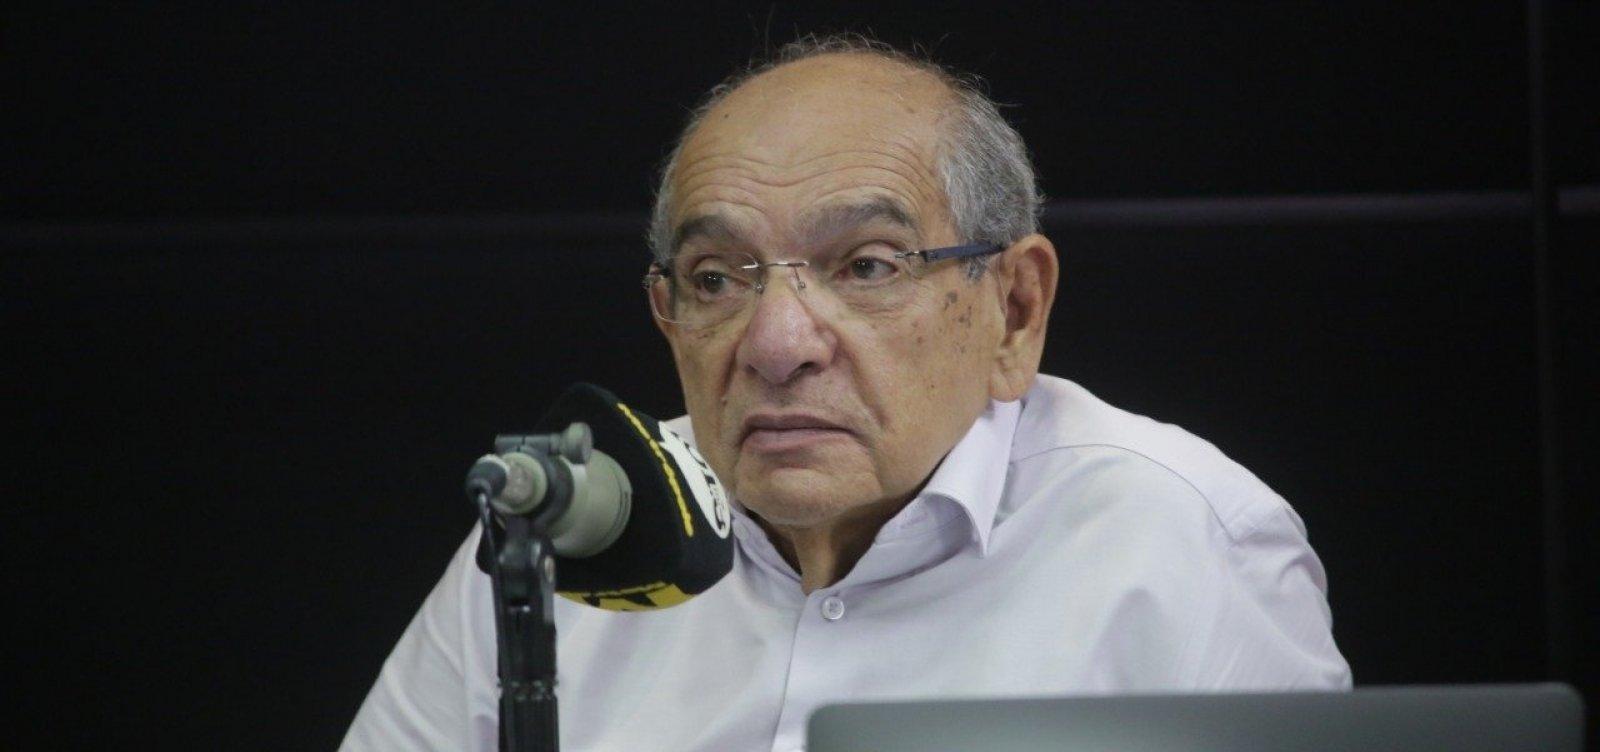 [Coronavírus: Bolsonaro 'foi obrigado a reconhecer' gravidade da pandemia, diz MK; ouça]